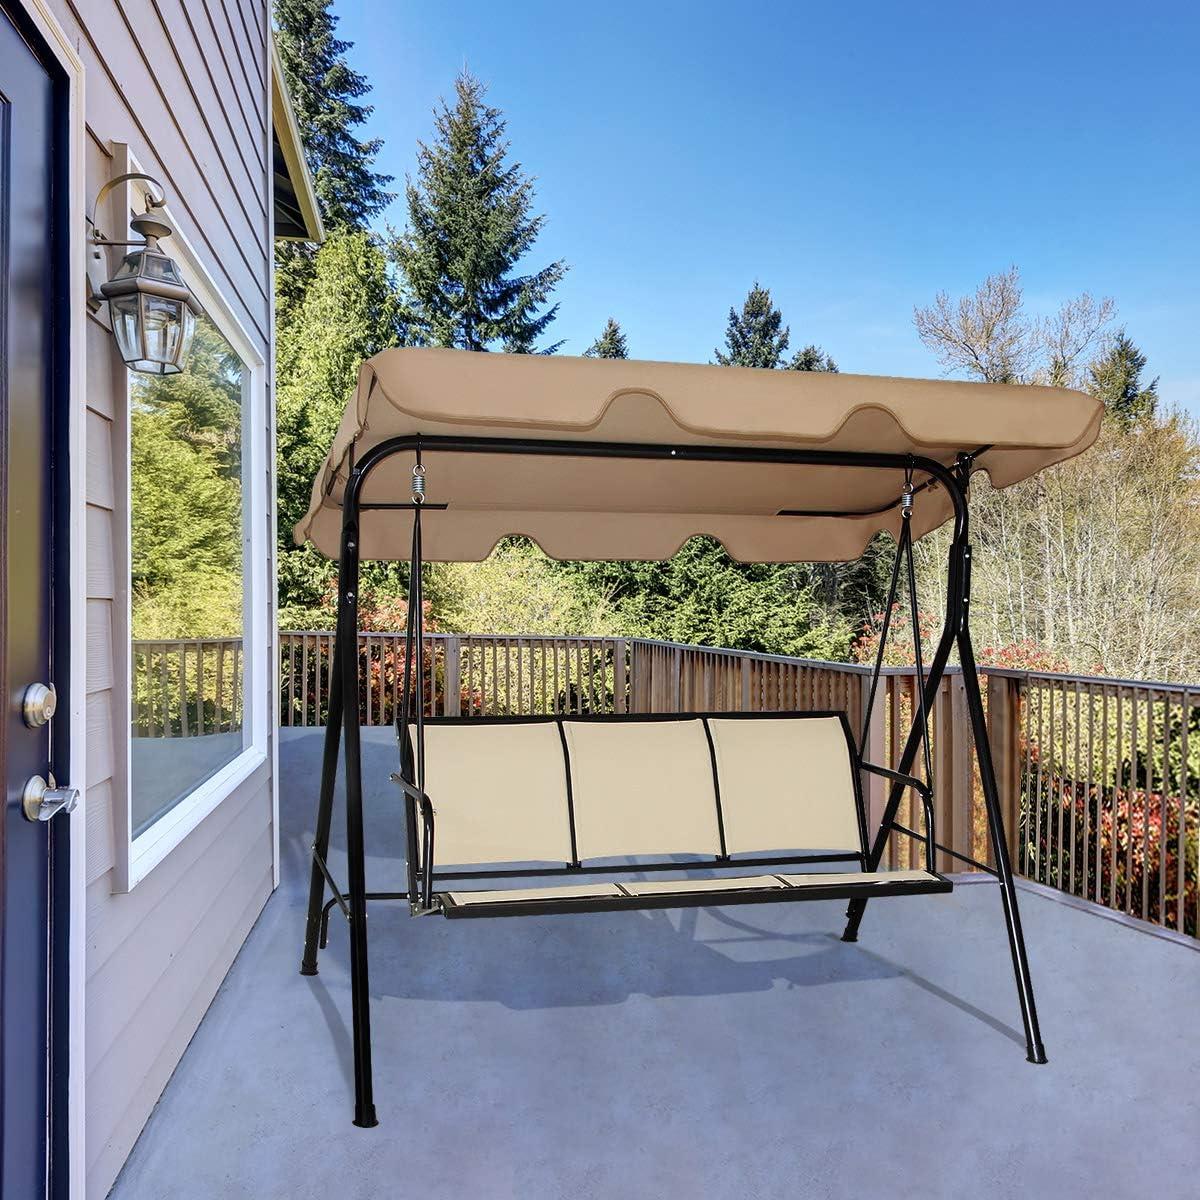 COSTWAY - Silla de jardín de 3 plazas, cubierta de acero con revestimiento de polvo, asientos acolchados para patio, hamaca de metal, 240 kg, marrón: Amazon.es: Hogar